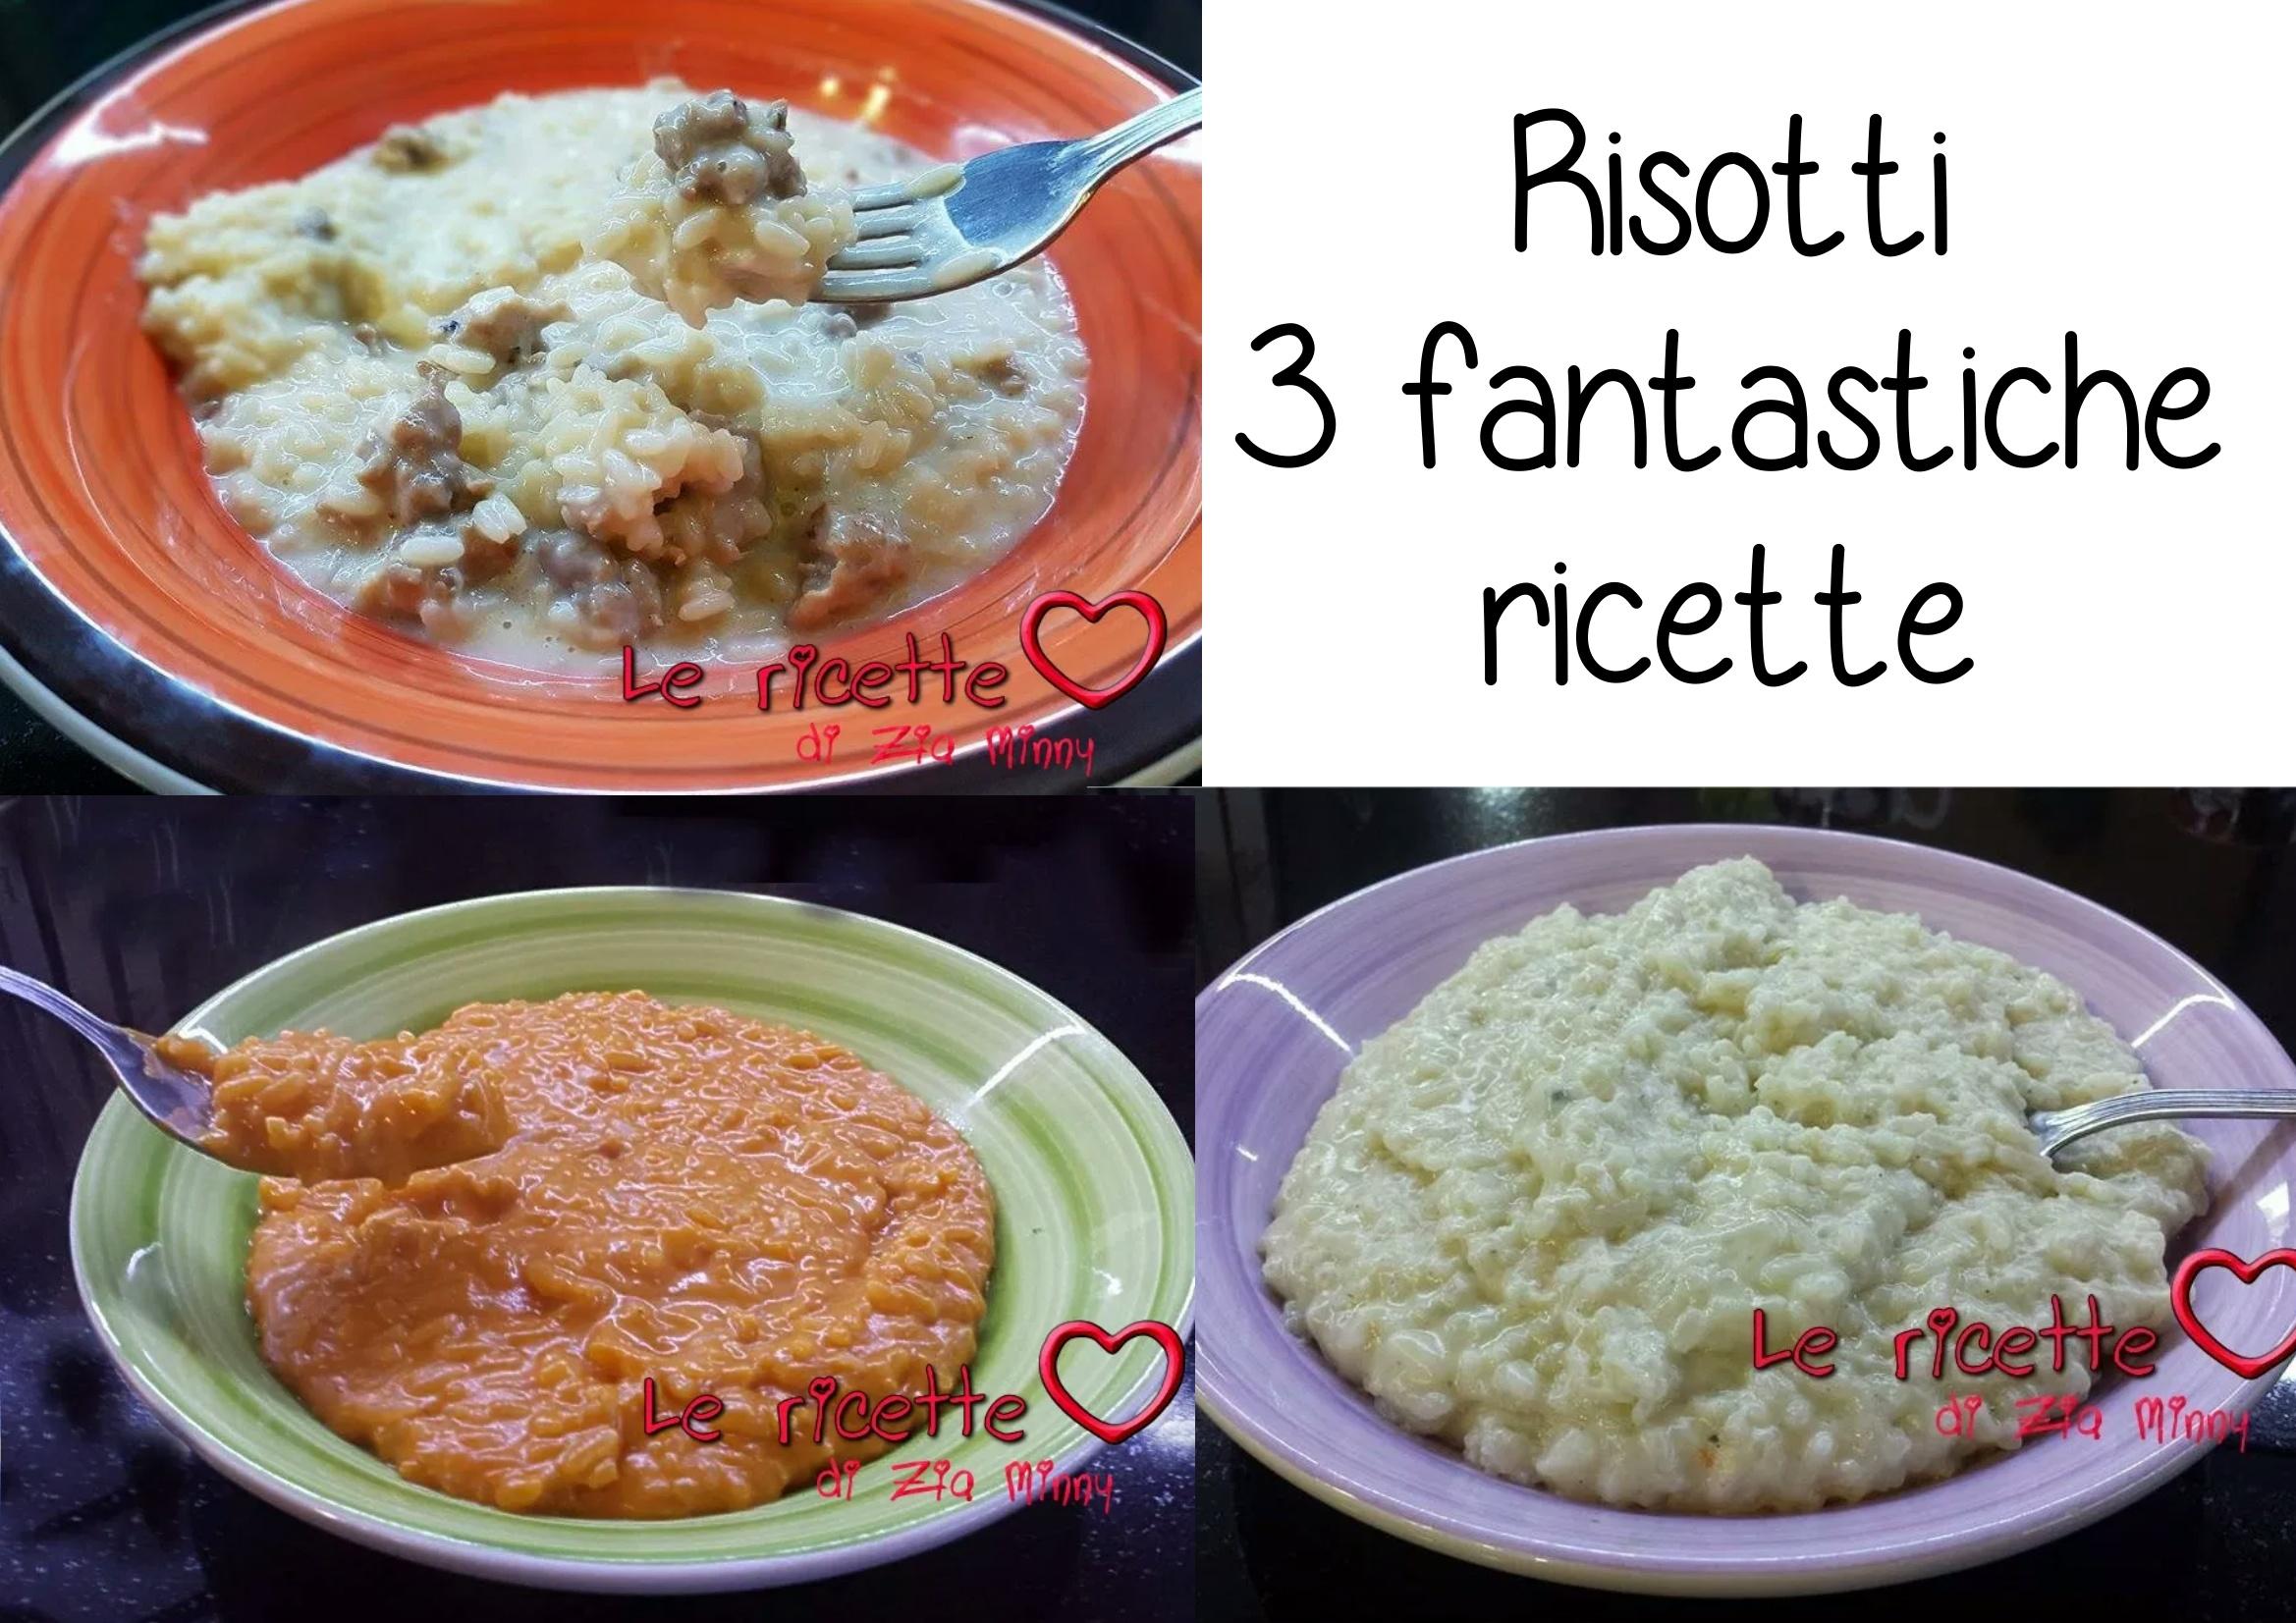 RISOTTI 3 FANTASTICHE RICETTE